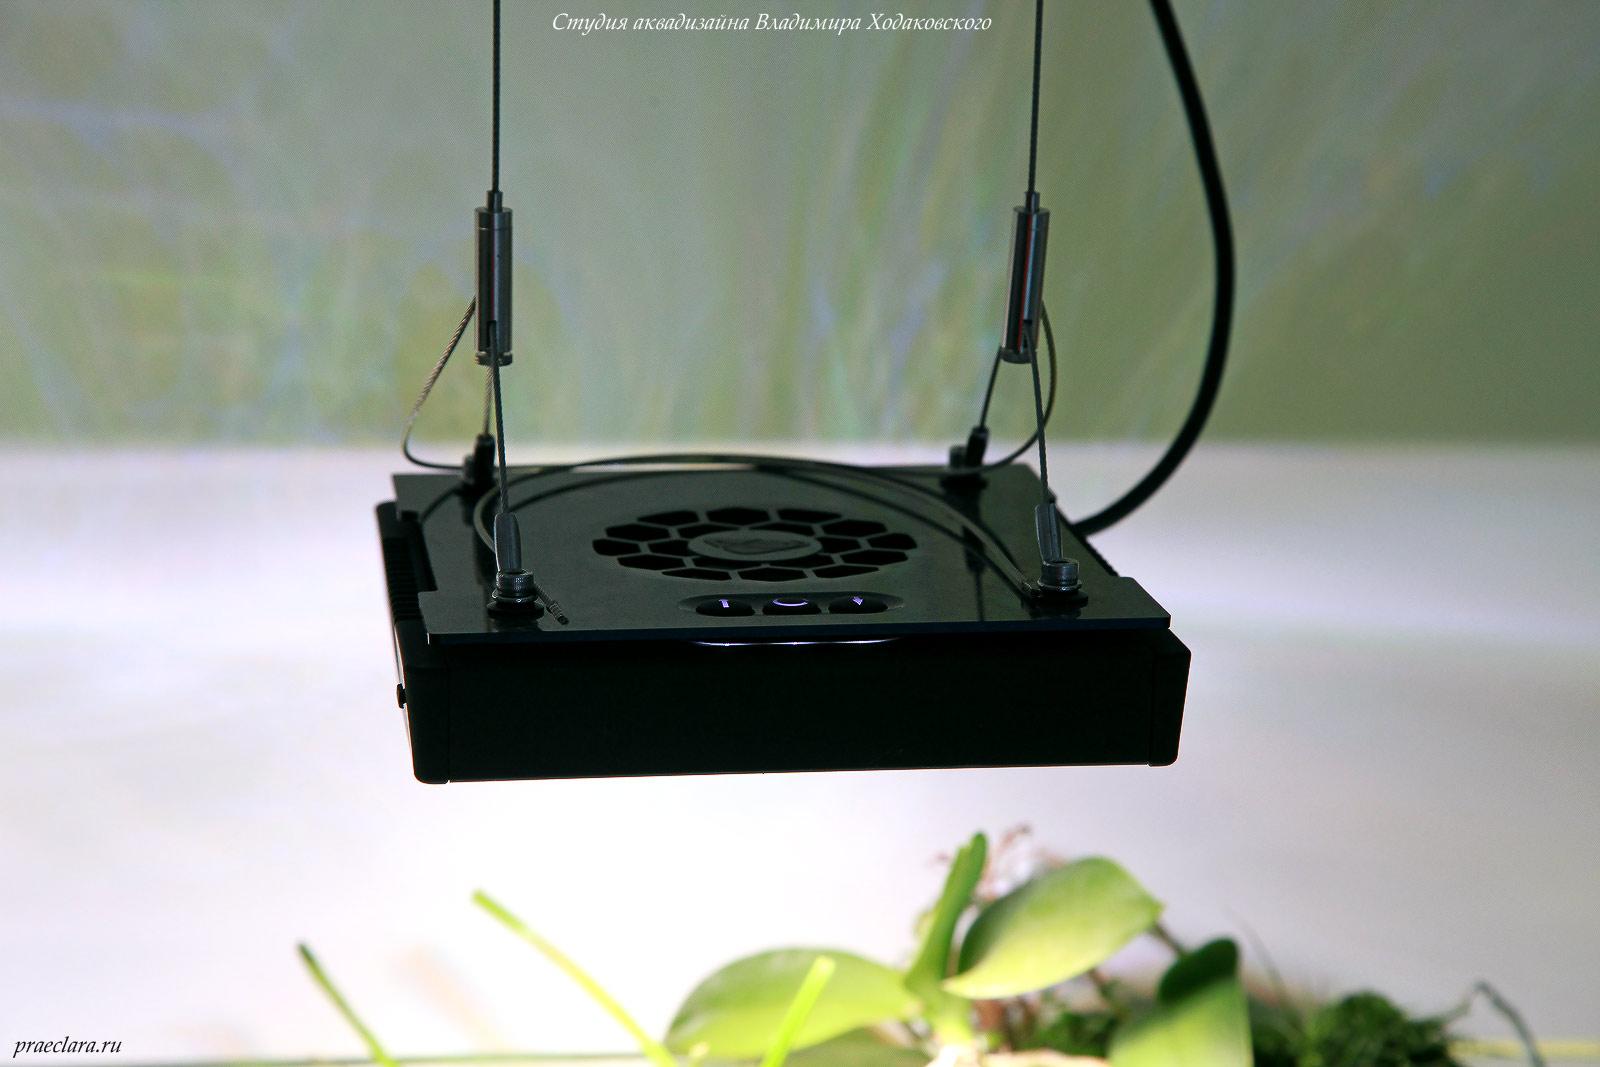 Светодиодные светильники в растительном аквариуме: в поисках идеала